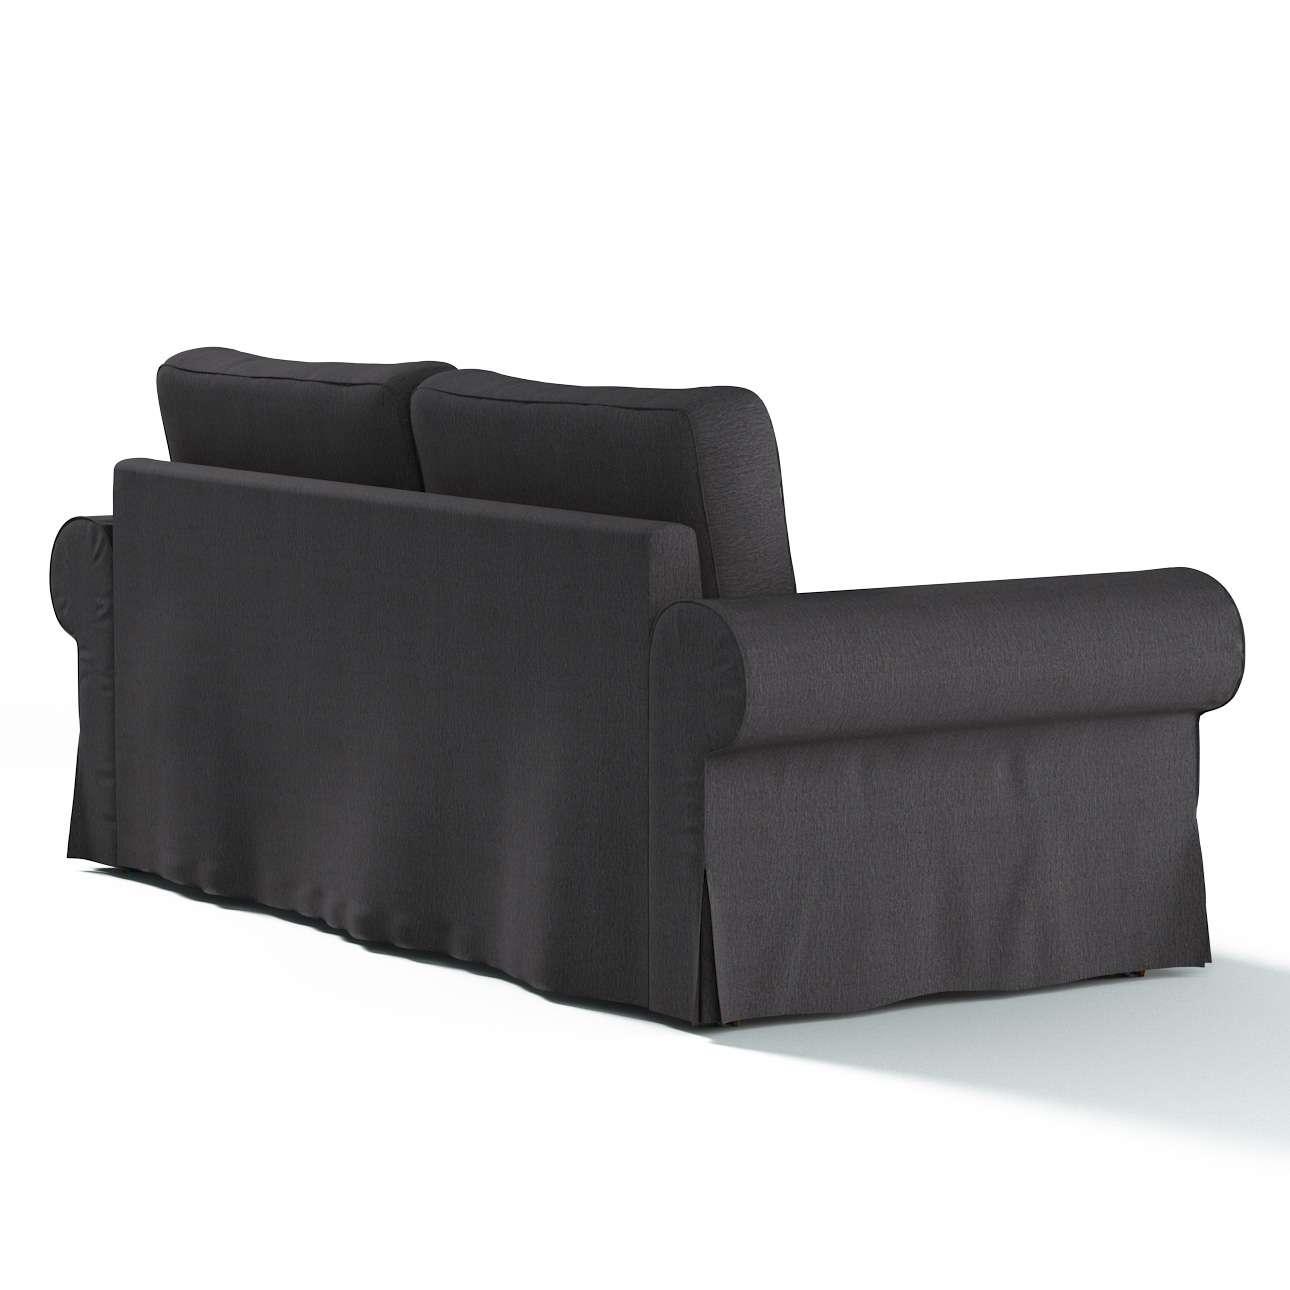 Pokrowiec na sofę Backabro 3-osobową rozkładaną w kolekcji Chenille, tkanina: 702-20